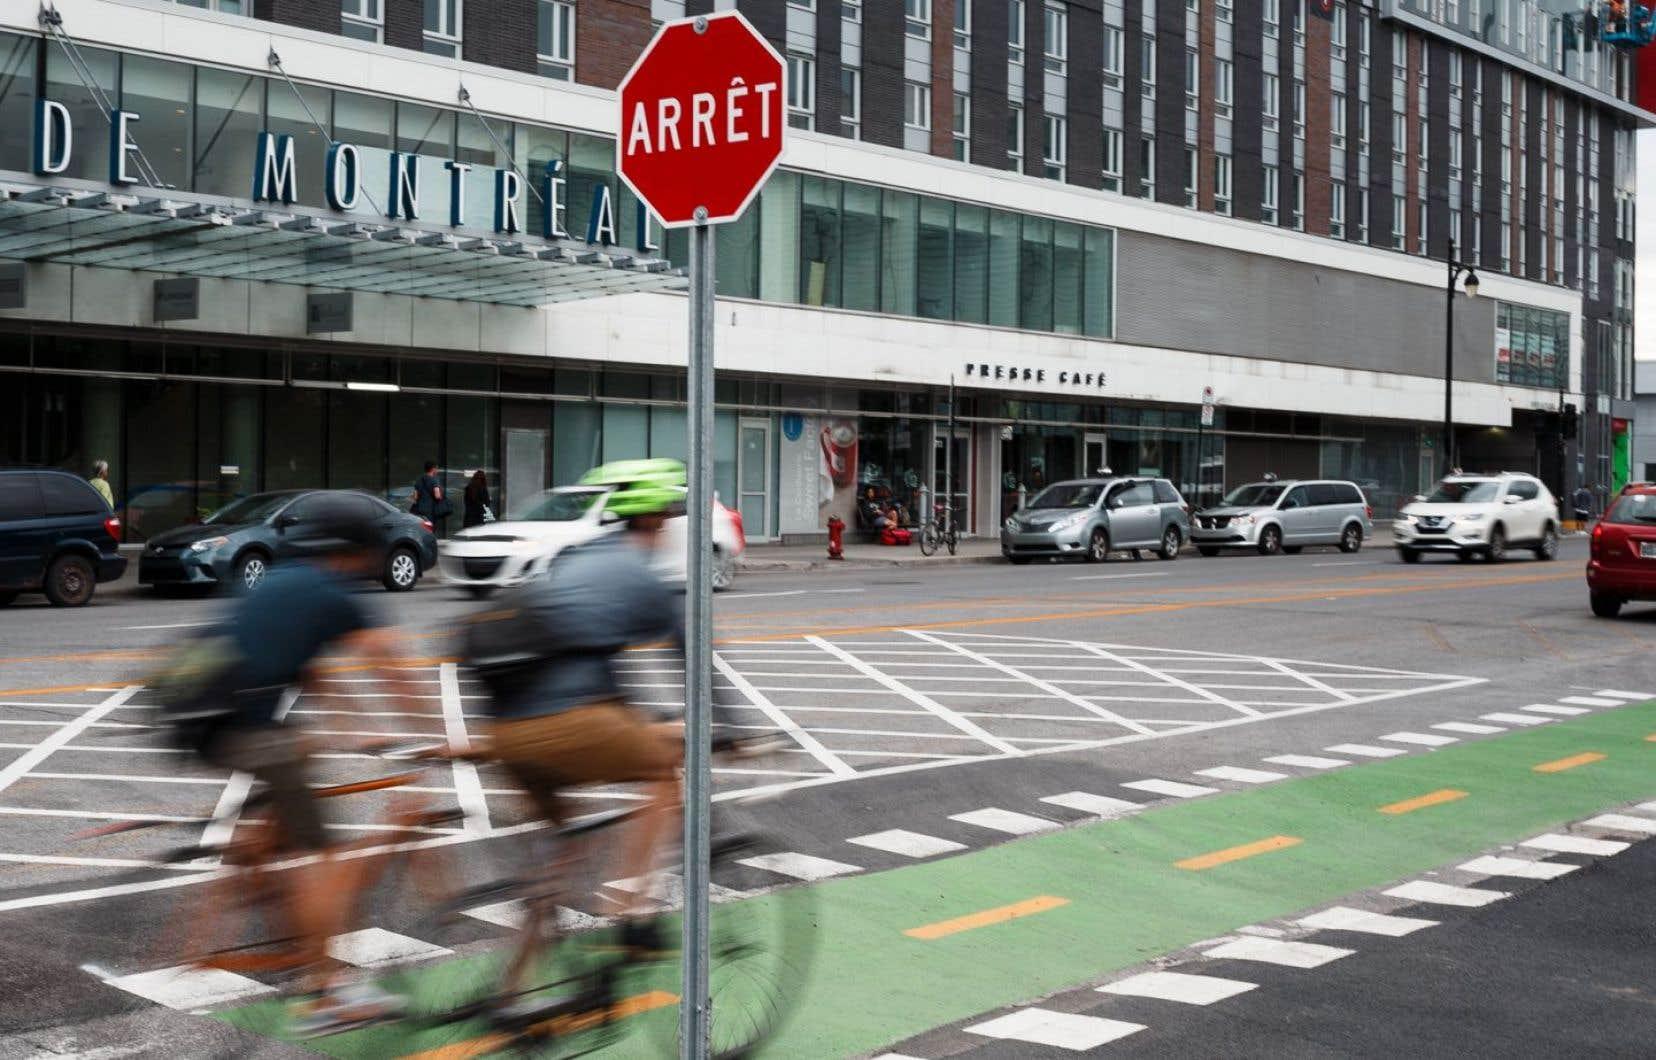 Très peu de cyclistes respectent la signalisation d'arrêt qui a été installée sur la piste cyclable il y a peu de temps.